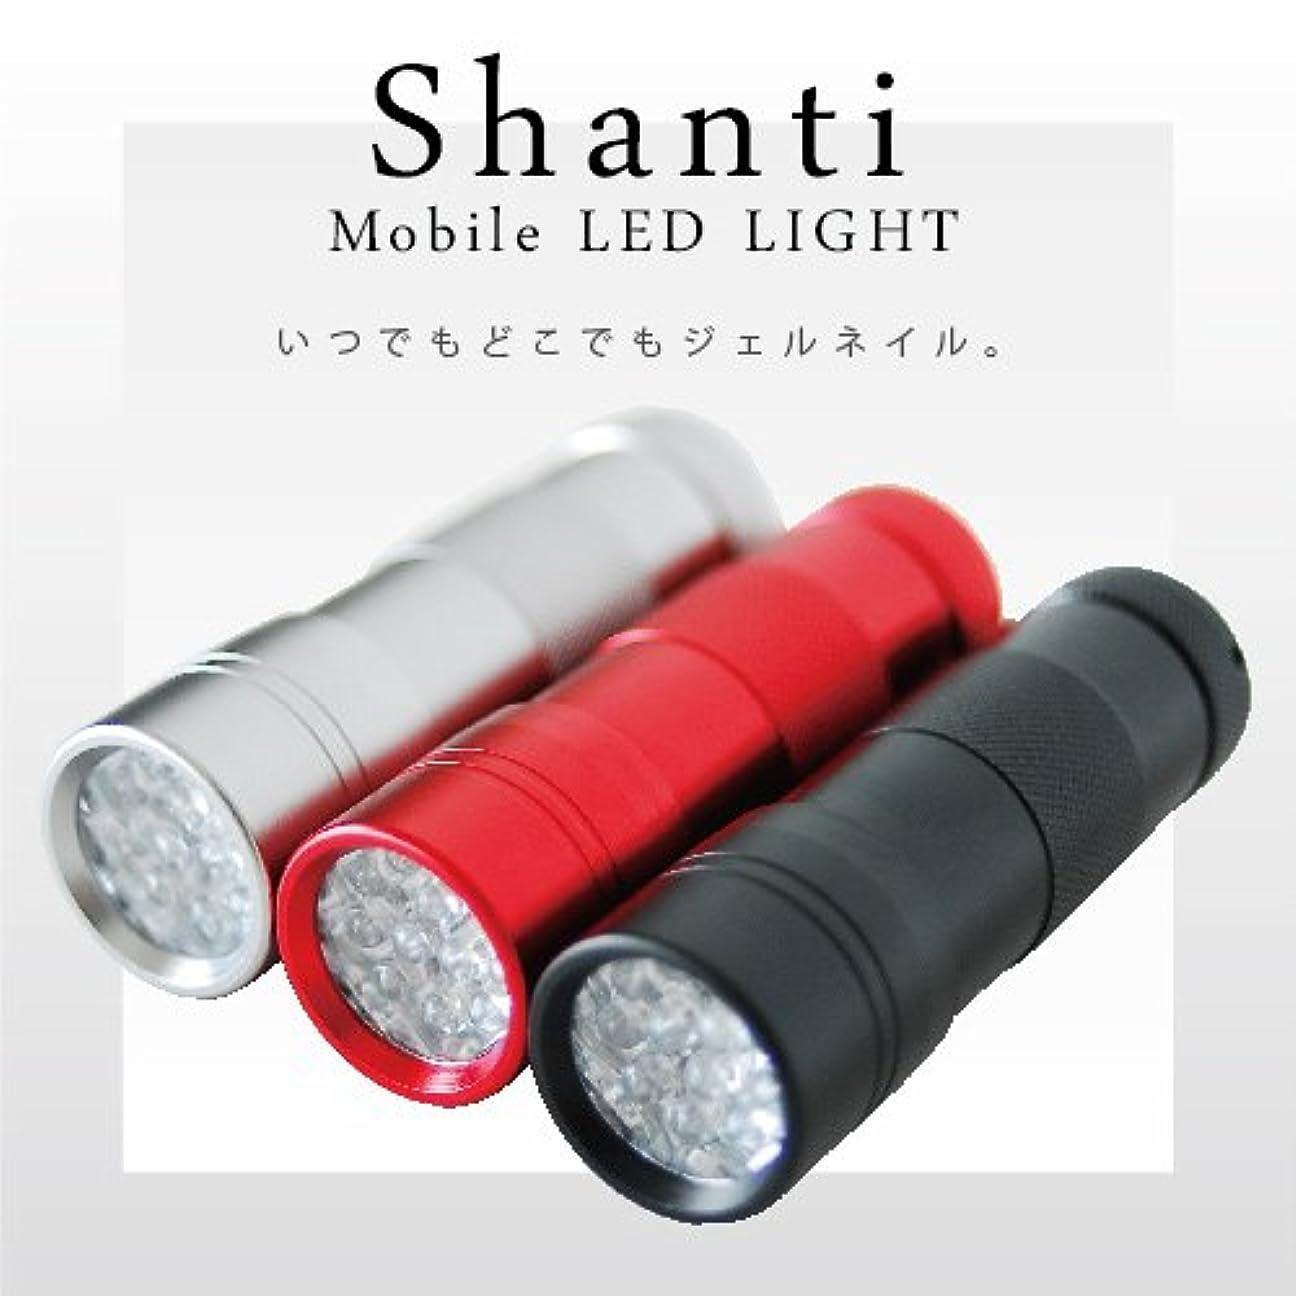 オリエント治世学部長ジェルネイル用UVライト ペン型LEDライト Shanti Mobile LED ペン型ポータブルLEDライト カラー:シルバー  携帯用ハンドライト